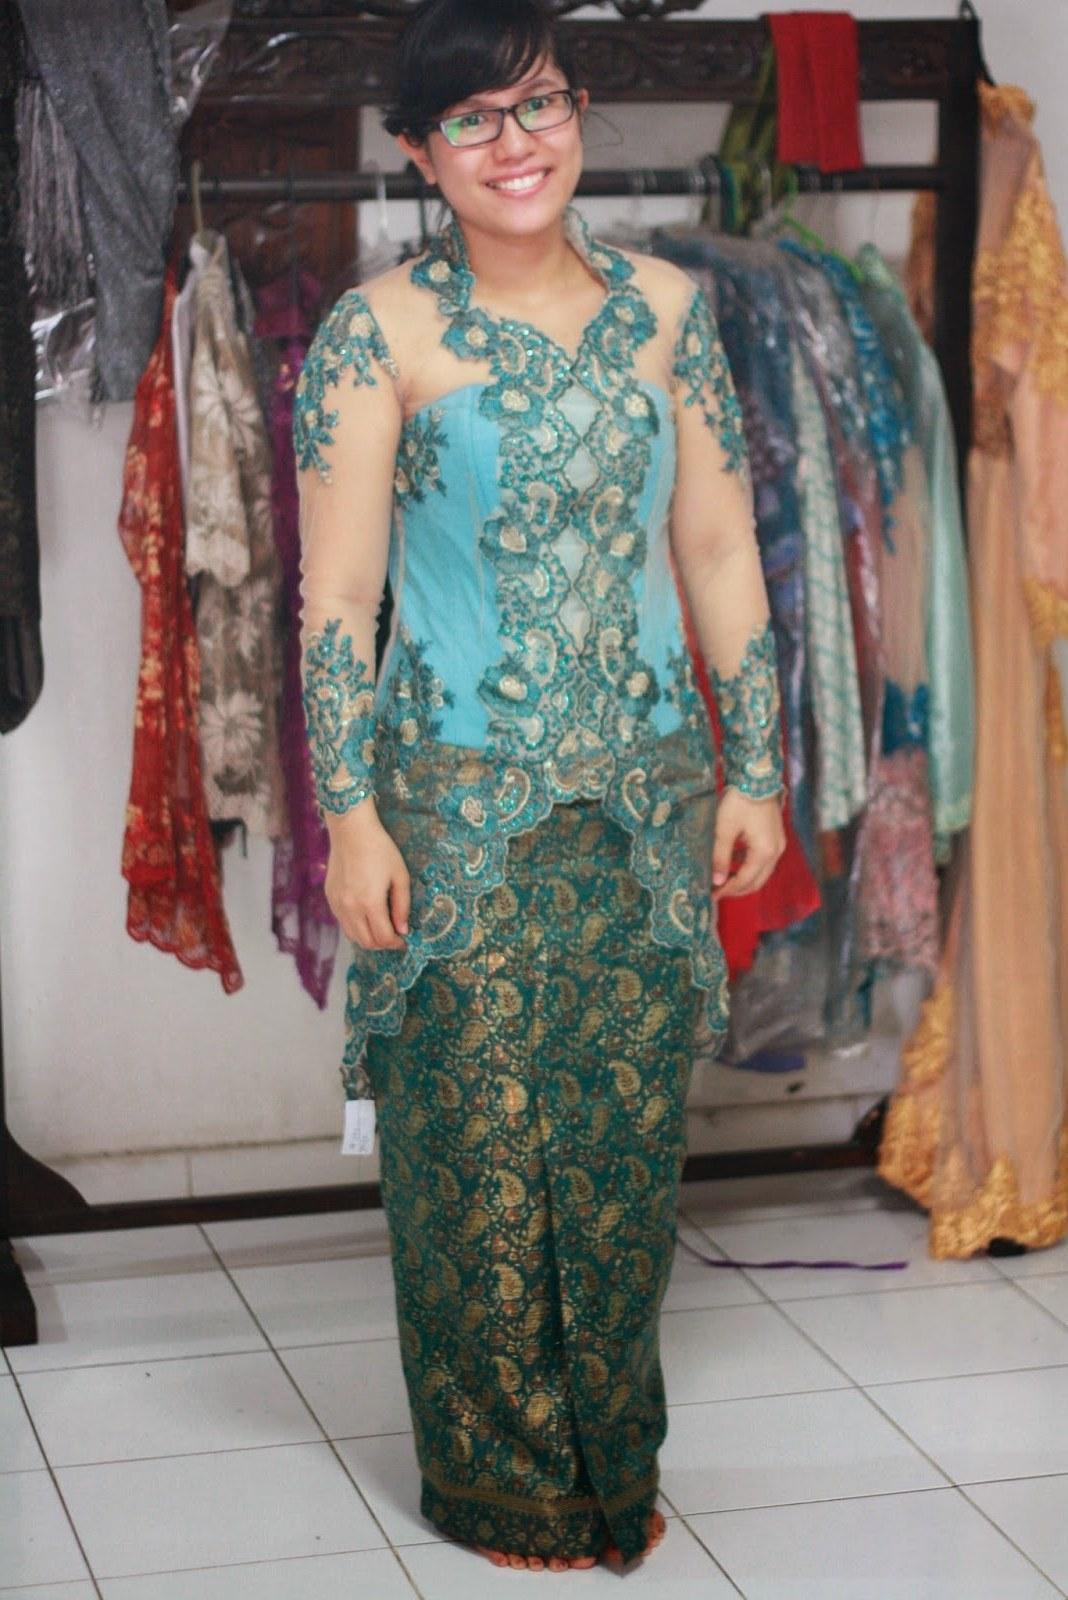 Bentuk Baju Lebaran Untuk Ibu Gemuk D0dg 33 Model Baju Kebaya Modern Yang Elegan Dikenakan [update